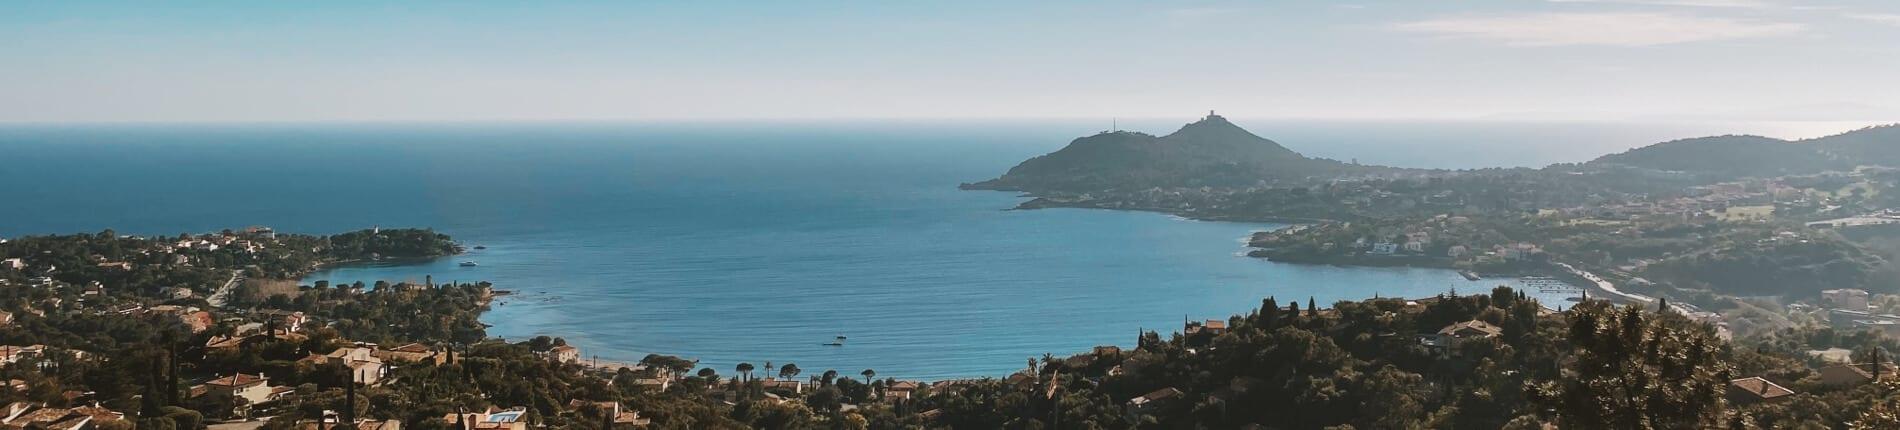 Implantez votre siège social à coté de la Méditerranée grâce à la domiciliation à Saint-Raphaël.